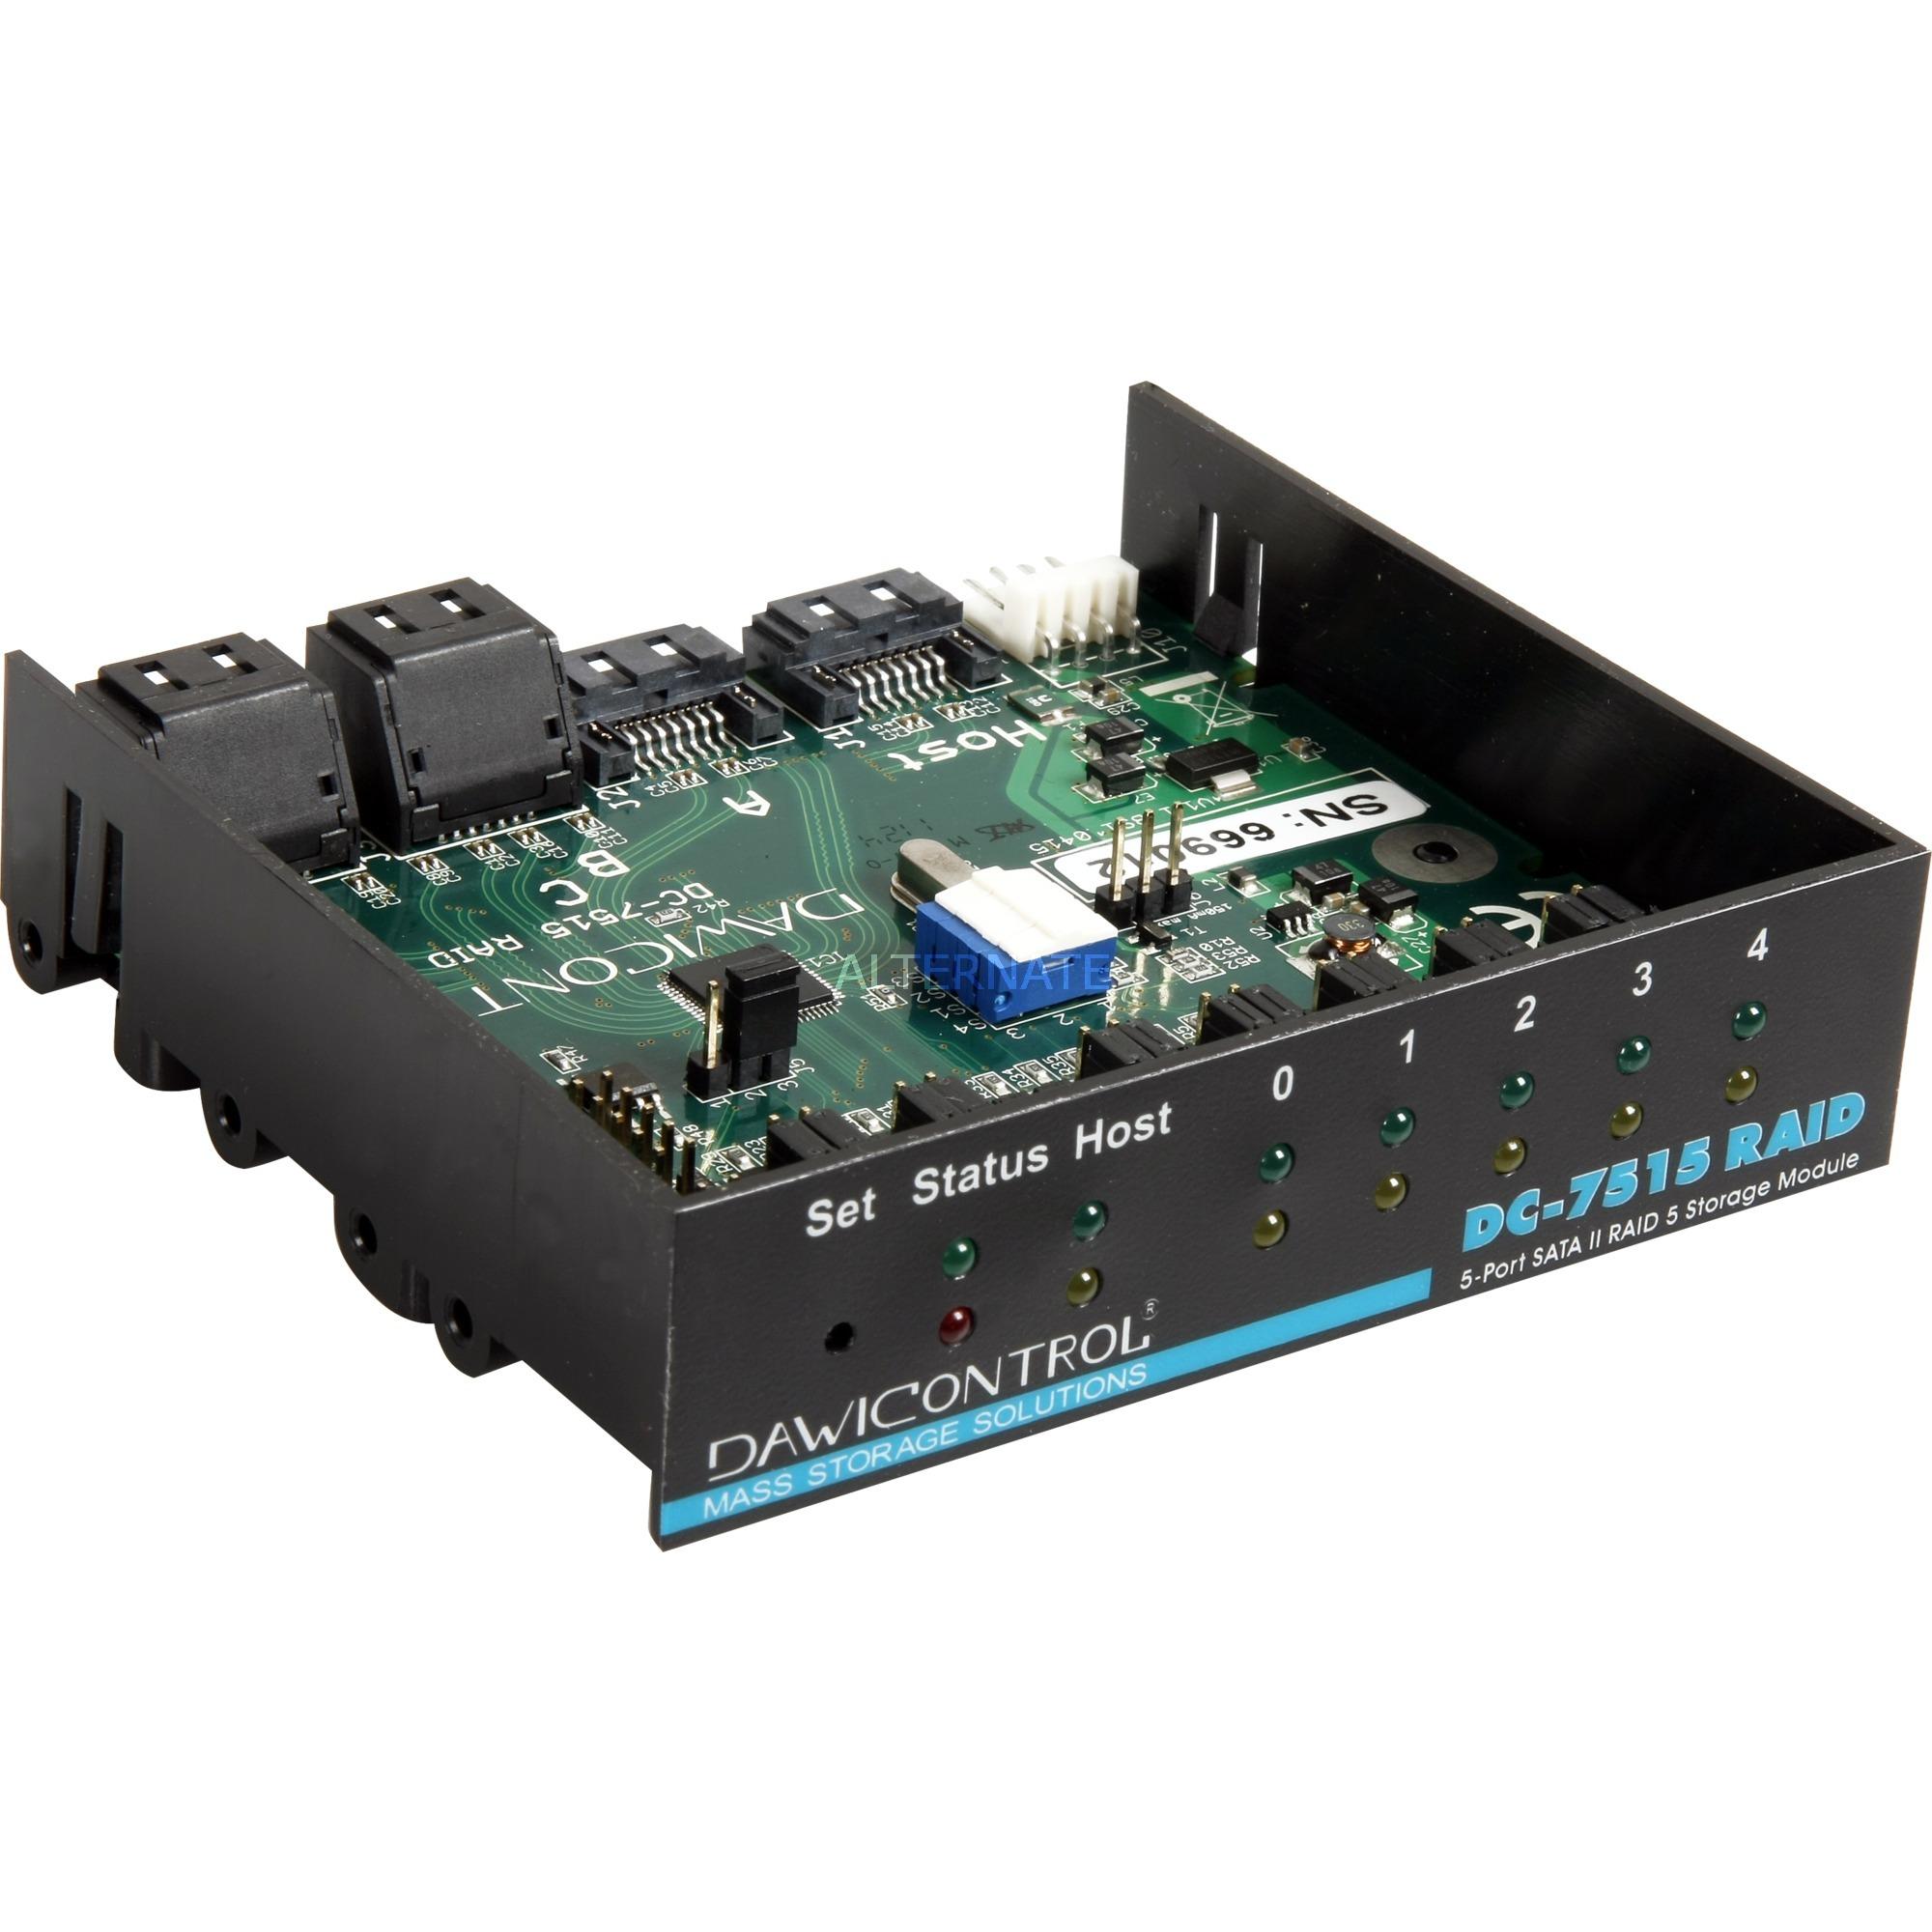 DC-7515 RAID 3Gbit/s controlado RAID, Controlador